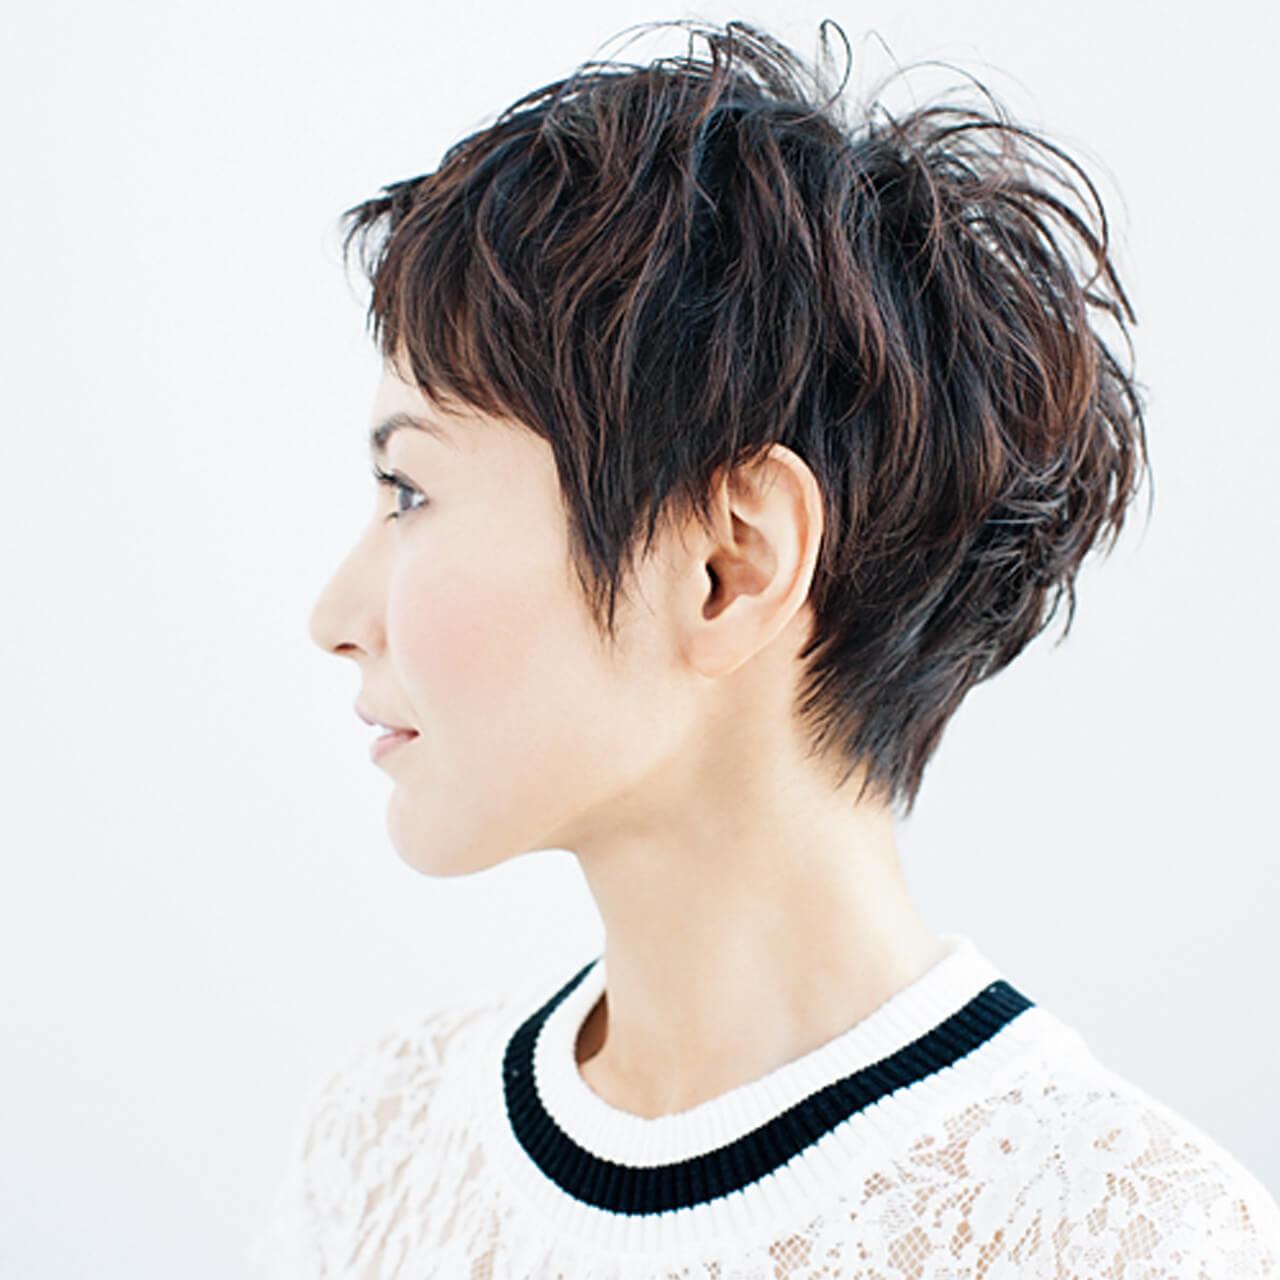 クセ毛を生かしたベリーショートで女らしさアップ!【40代のショートヘア】_1_2